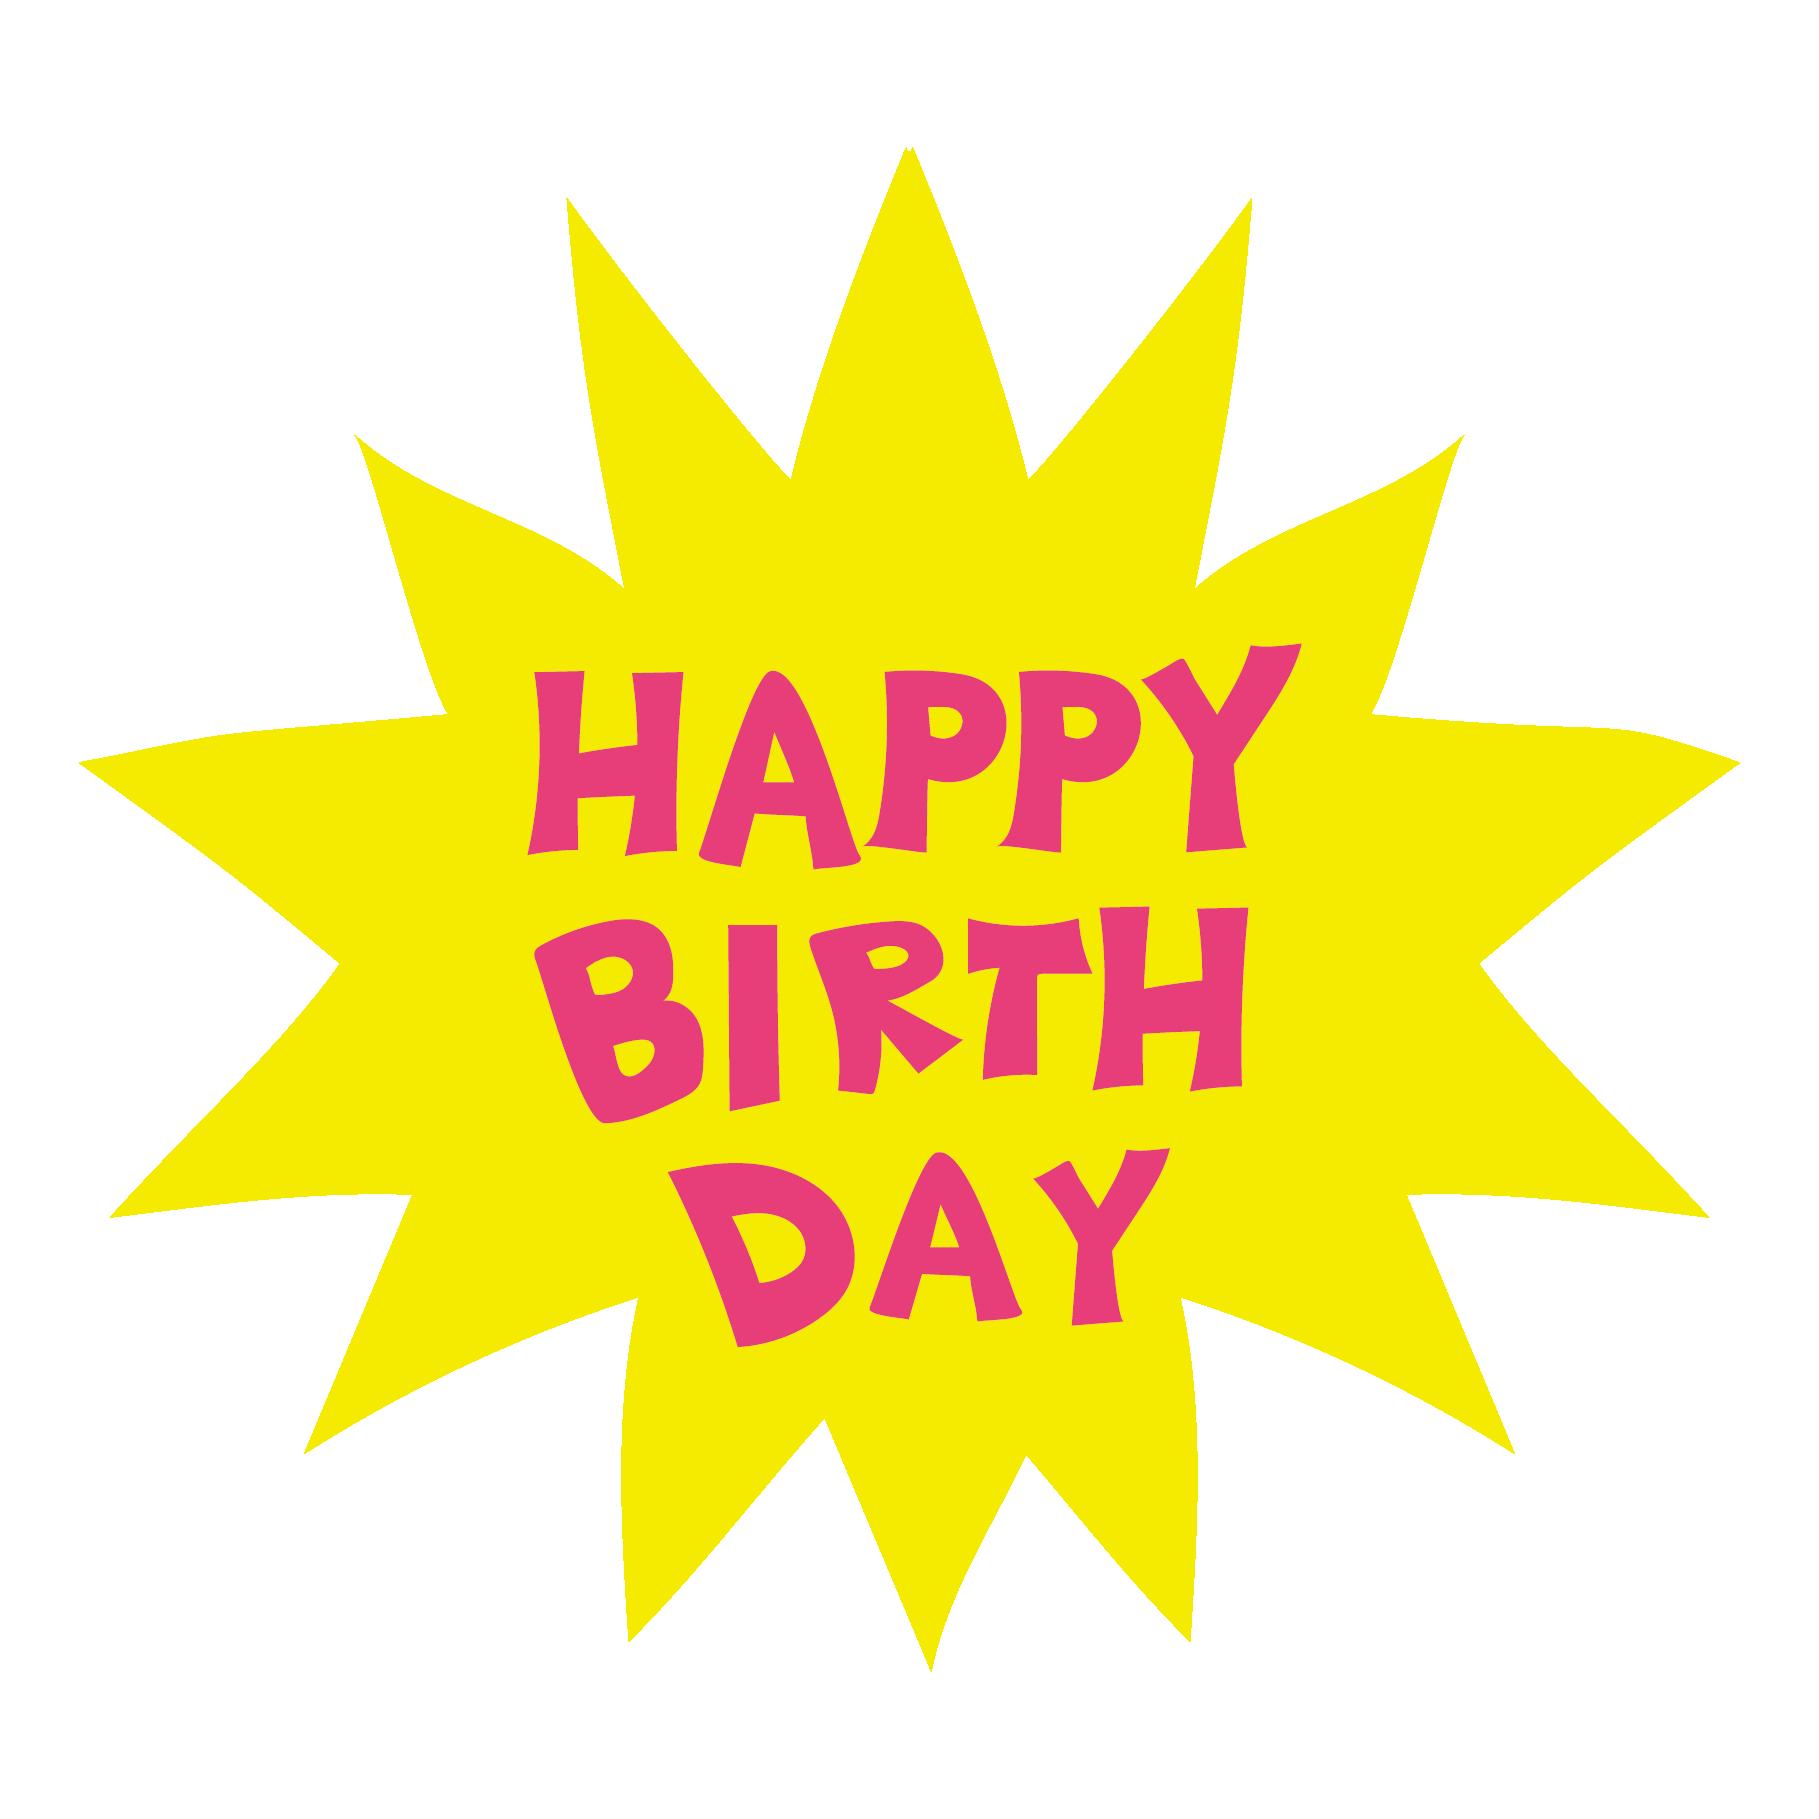 誕生日happy Birth Dayのロゴ文字イラスト ピンク 商用フリー無料